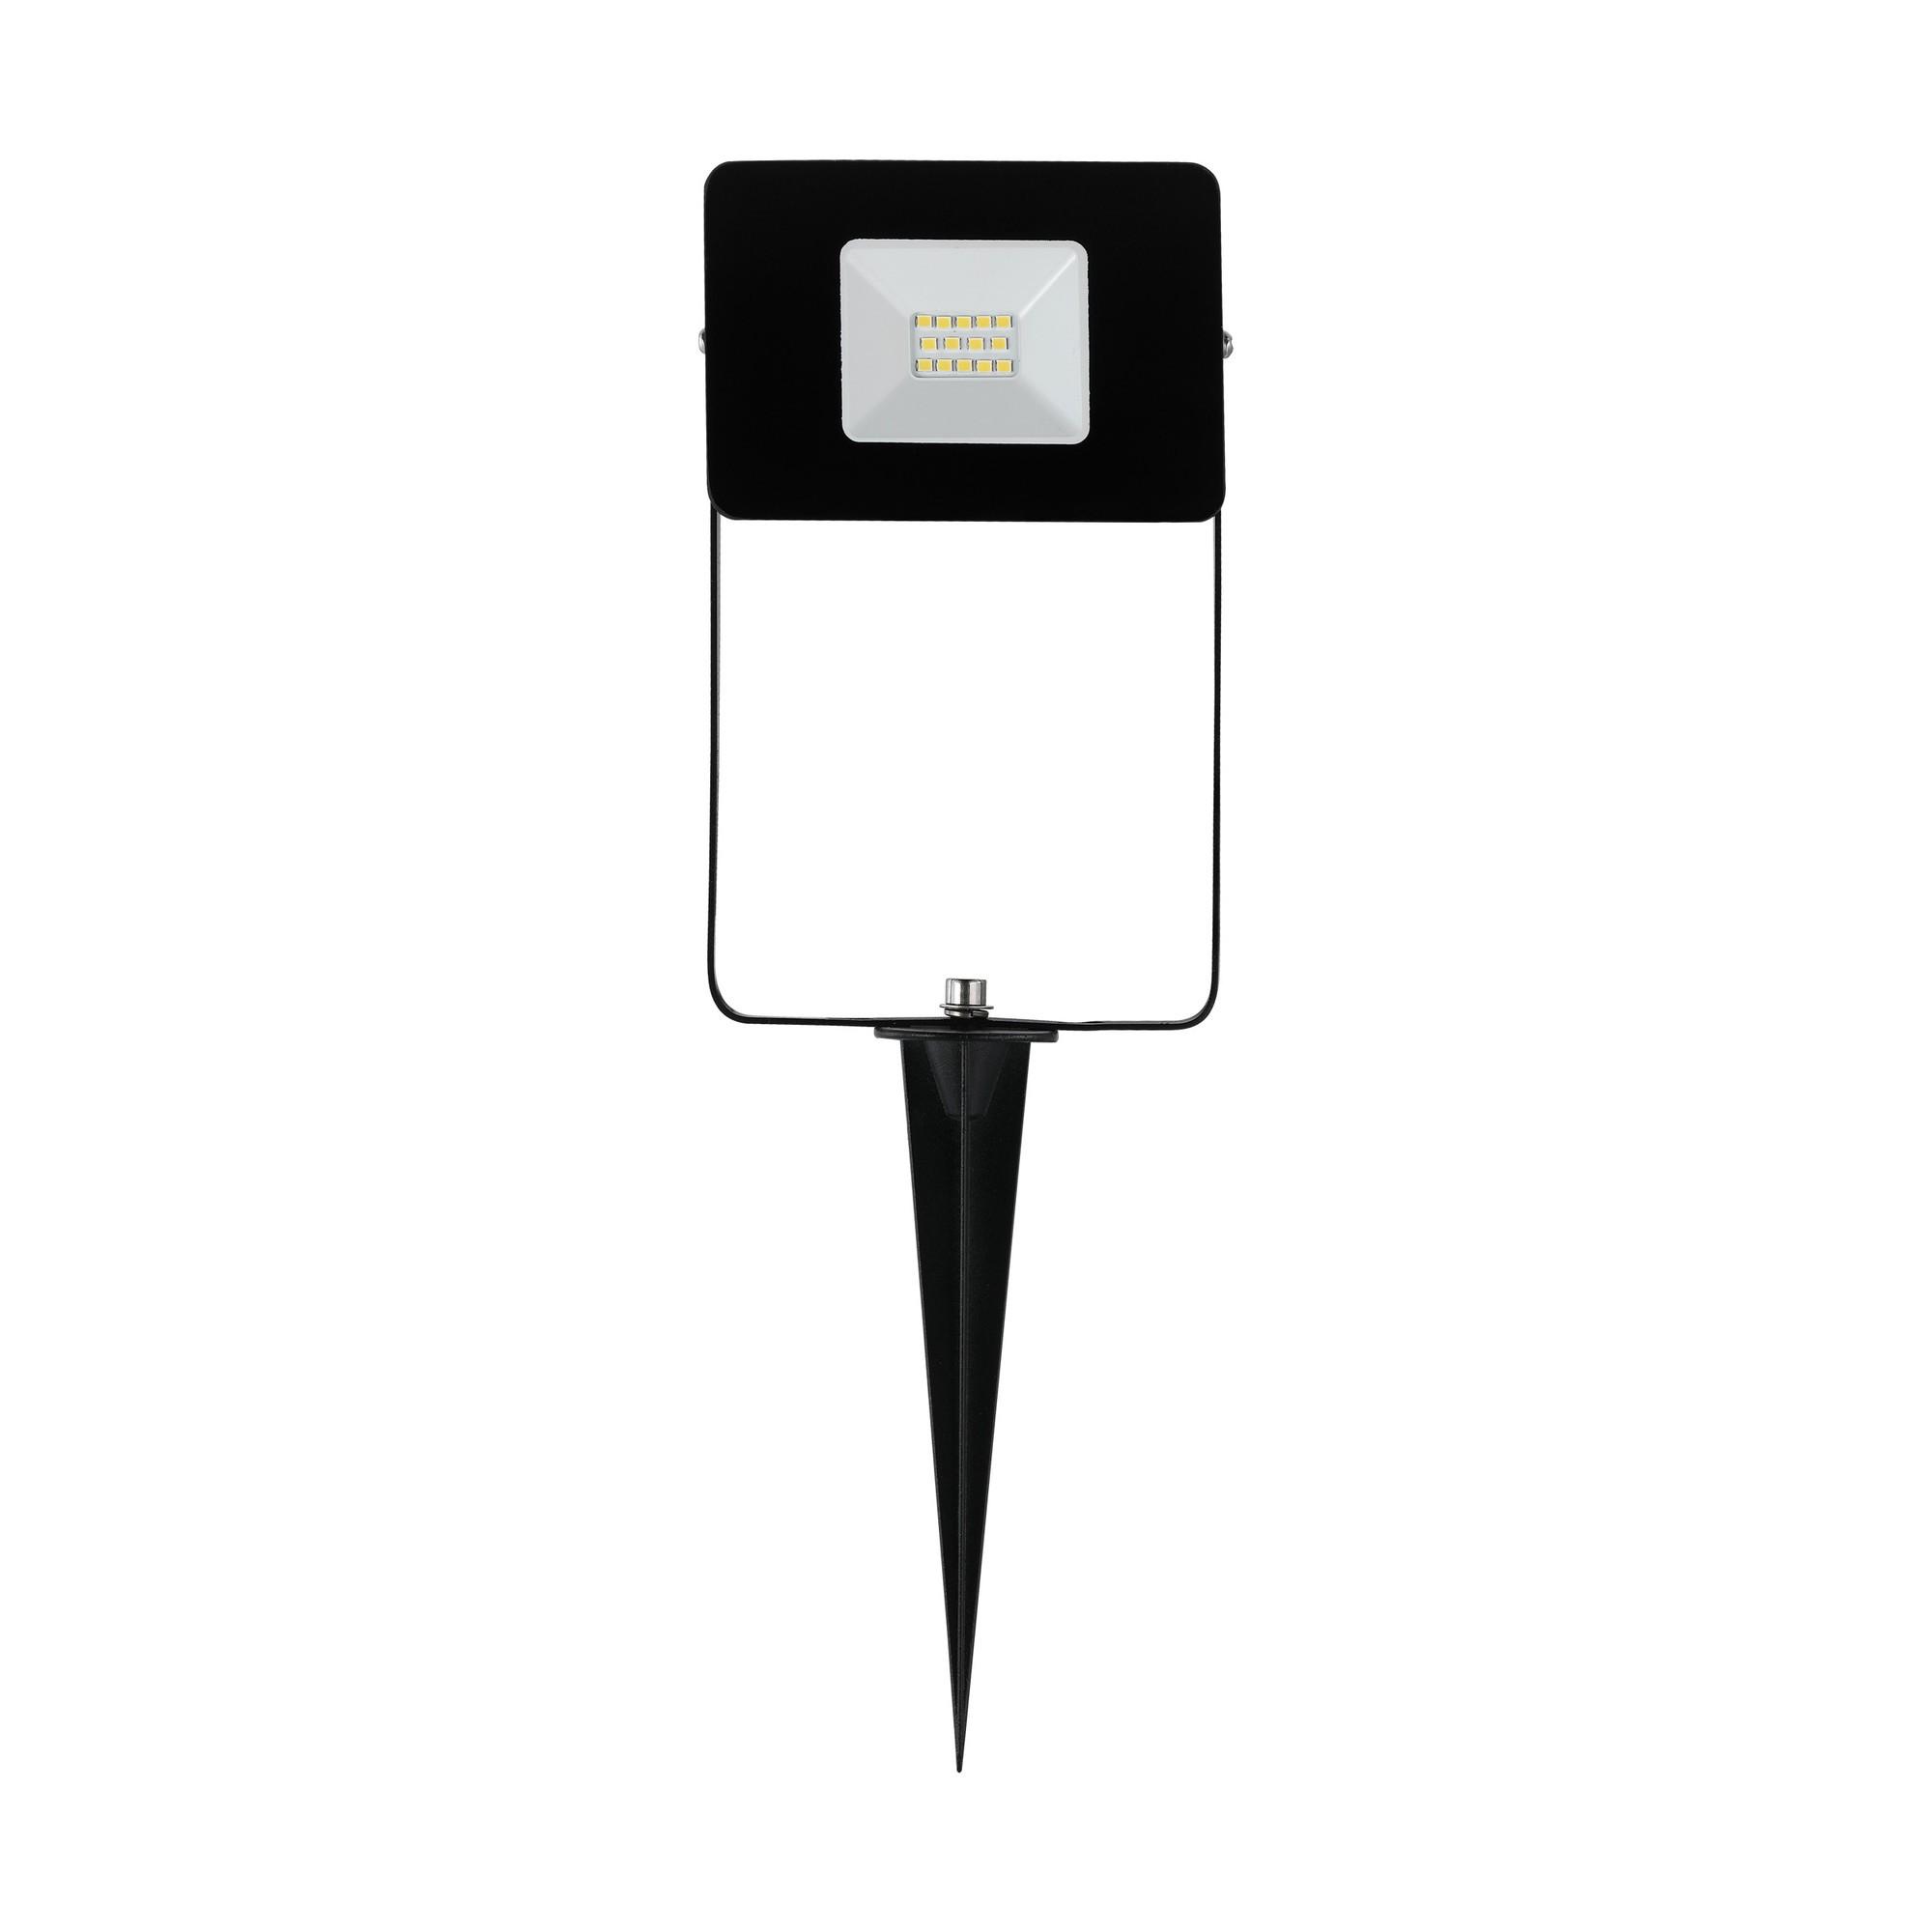 EGLO buiten LED straler/grondspie zwart Faedo 4